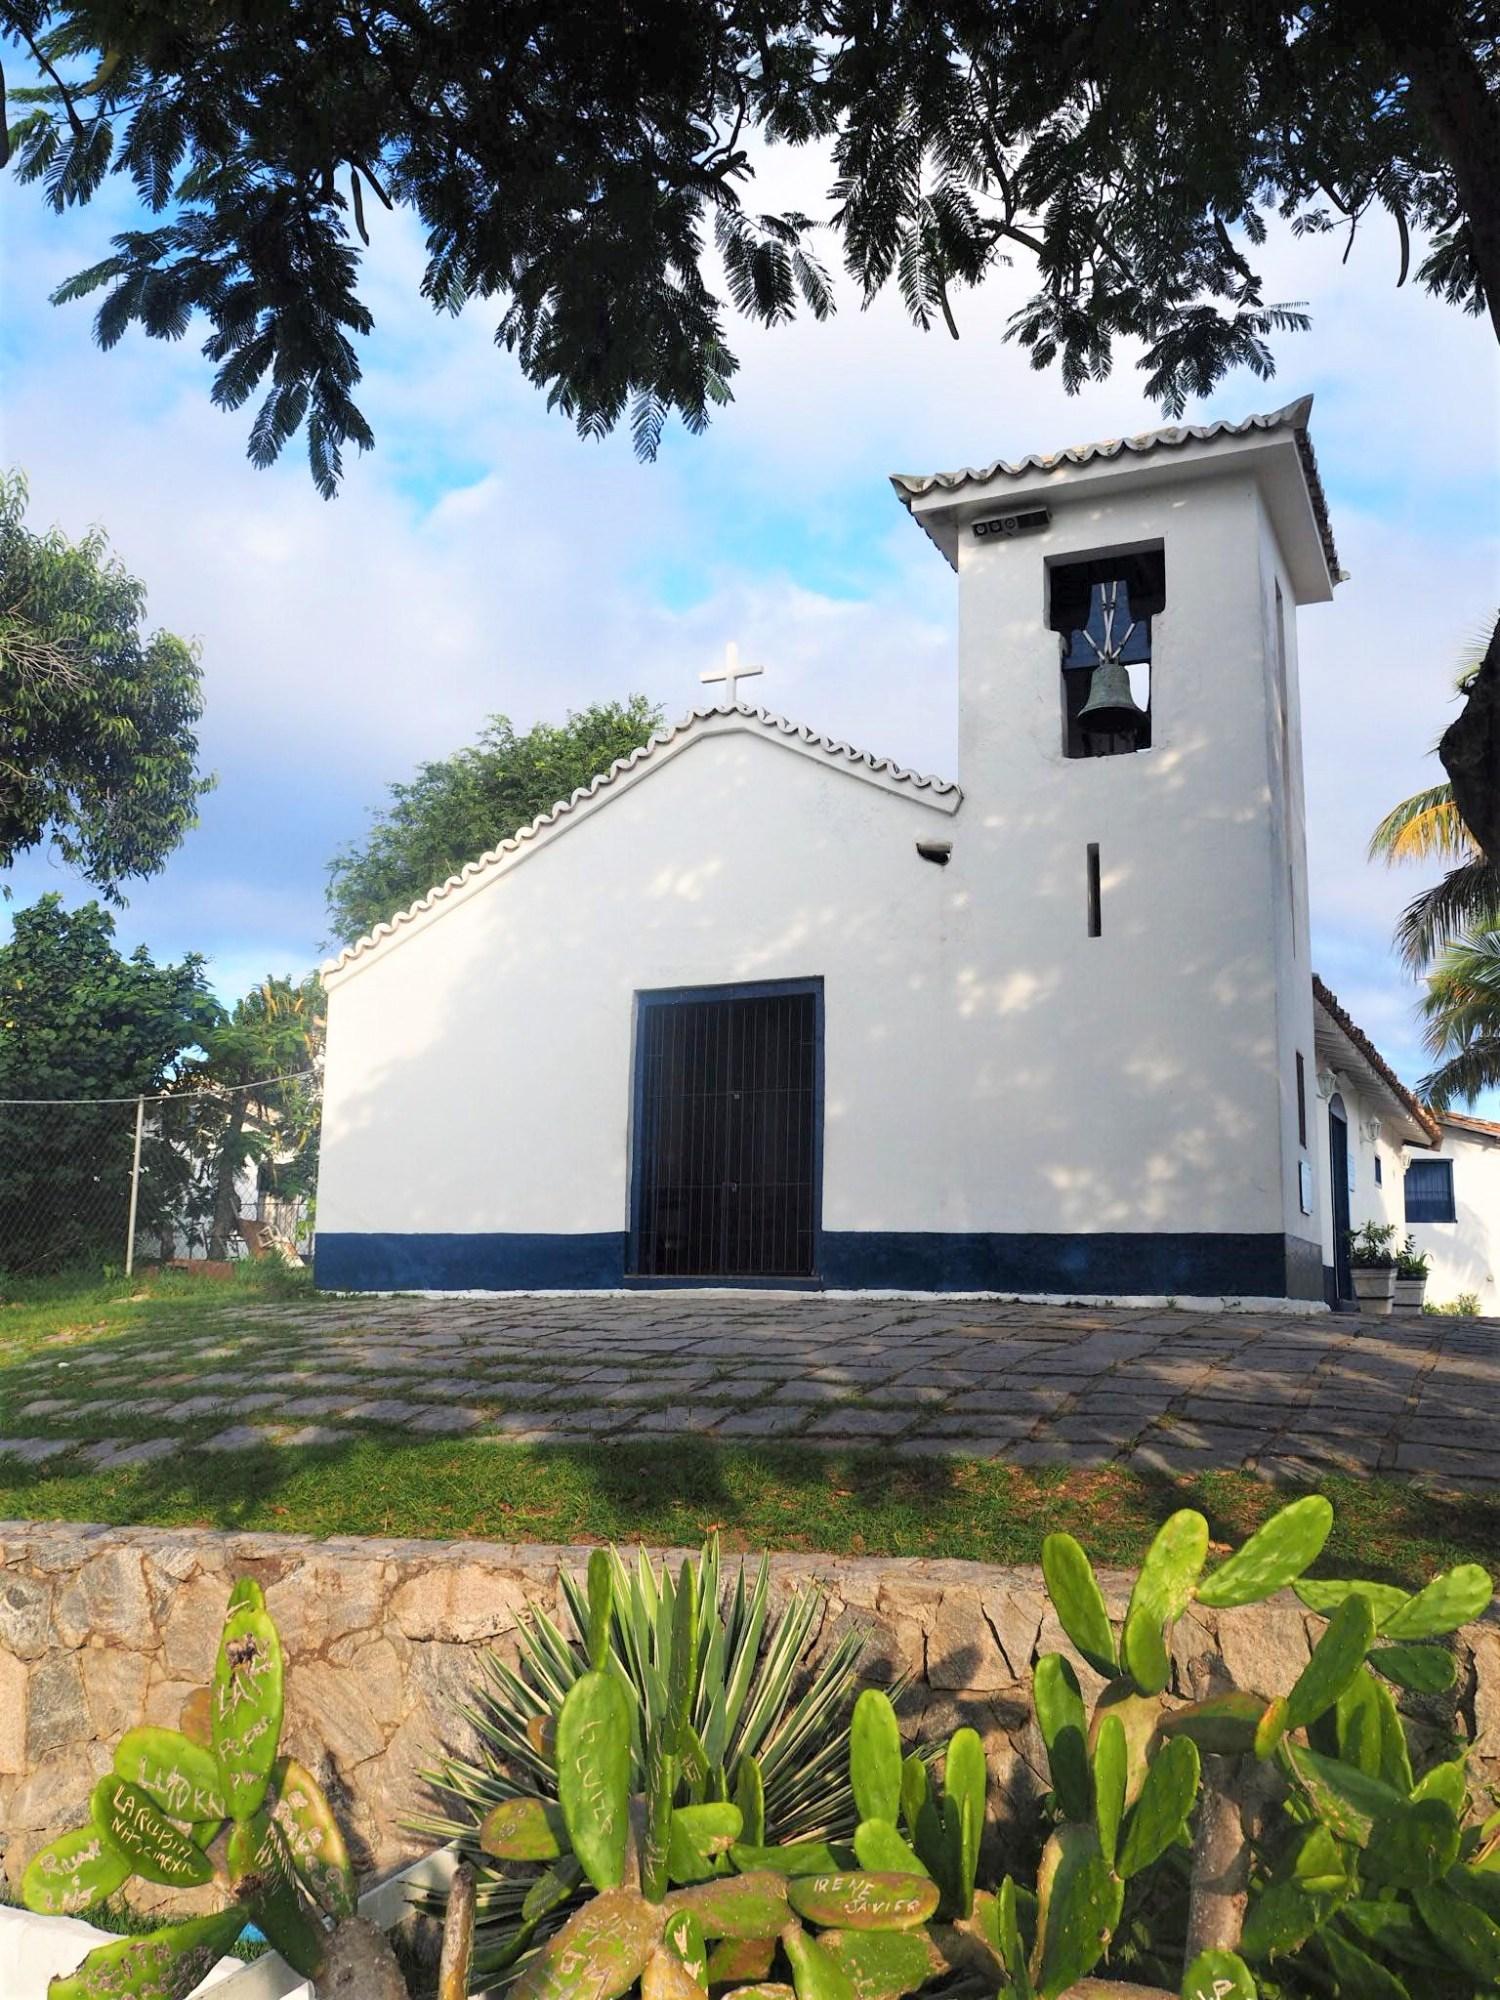 Buzios brésil voyage Eglise clioandco